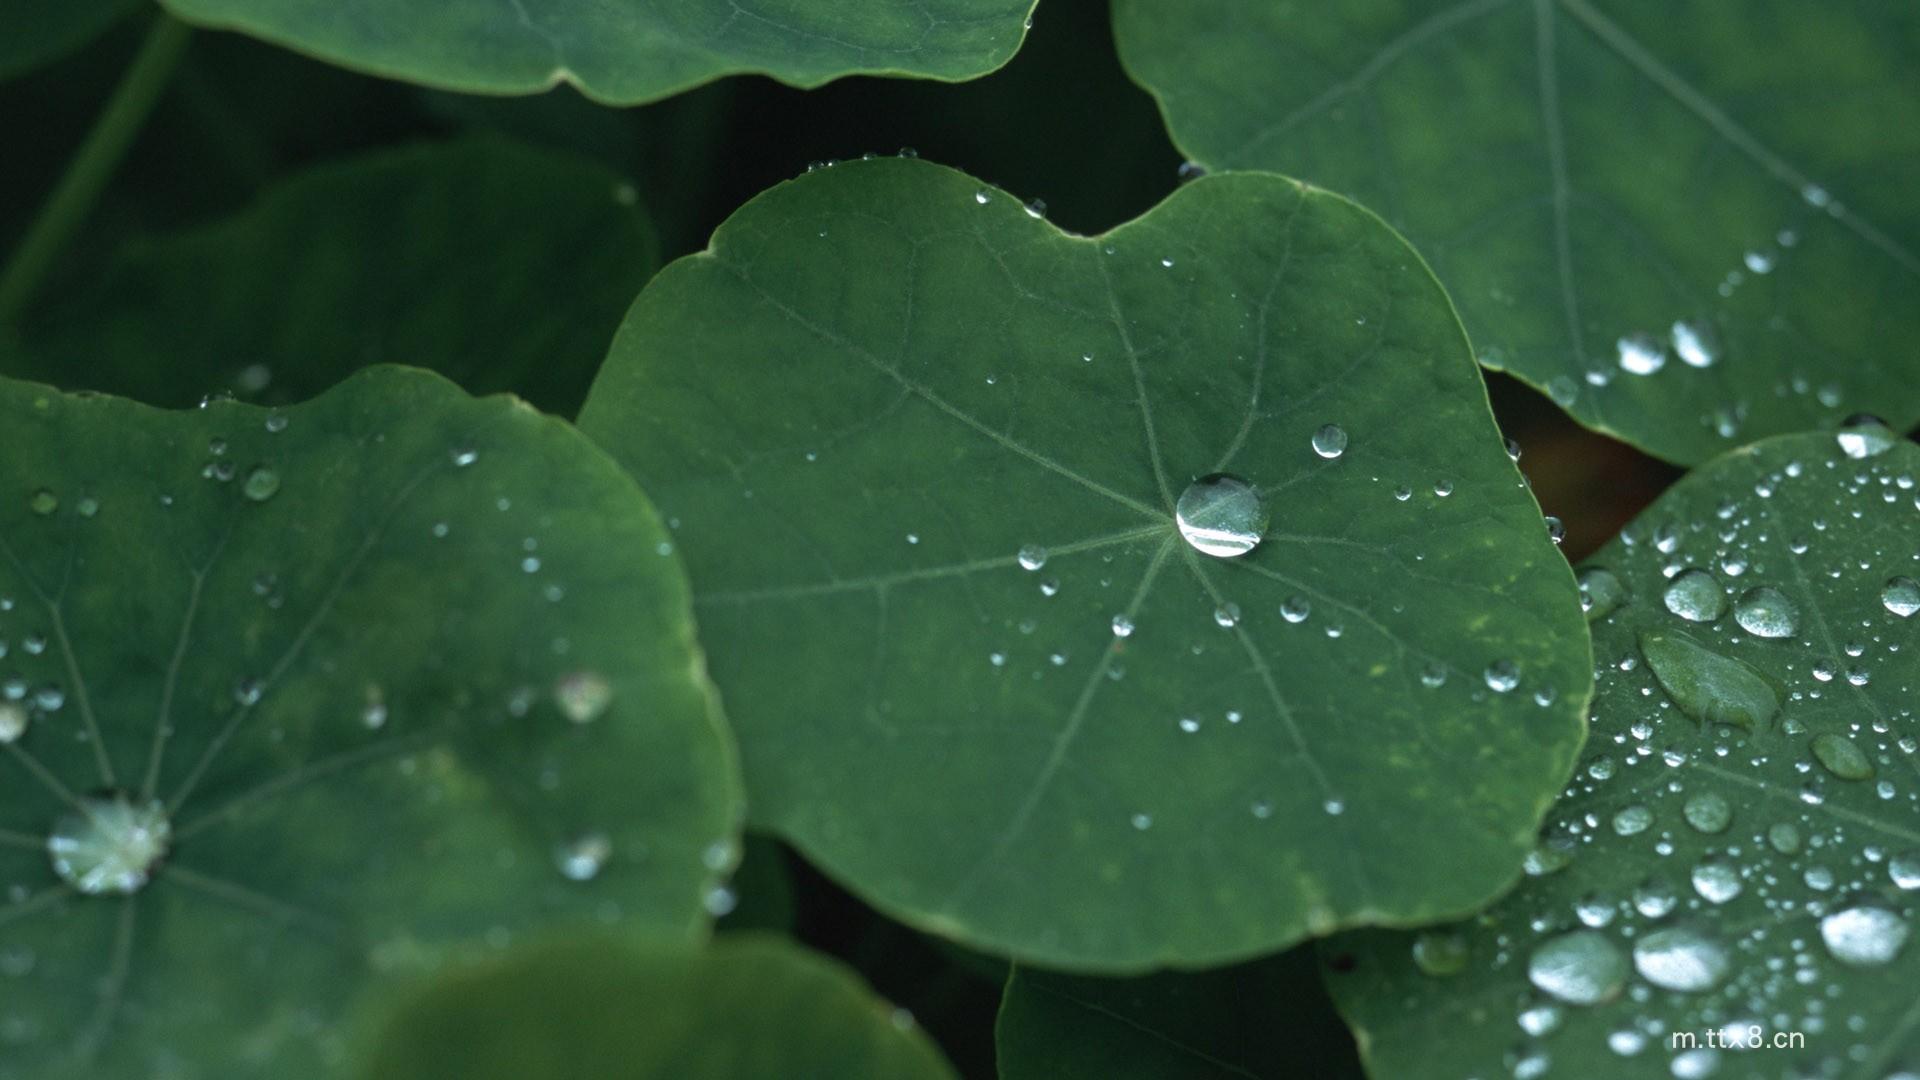 绿色植物叶子水珠高清图片素材